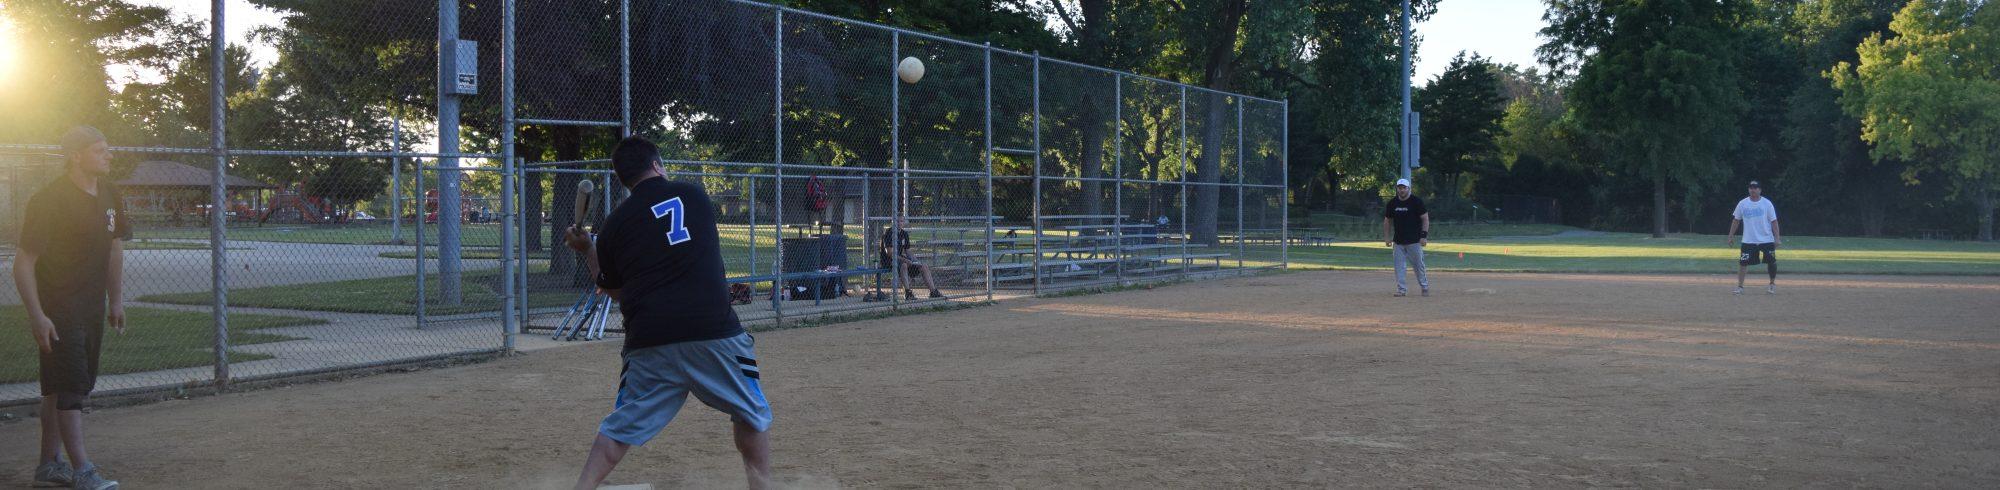 adults playing softball